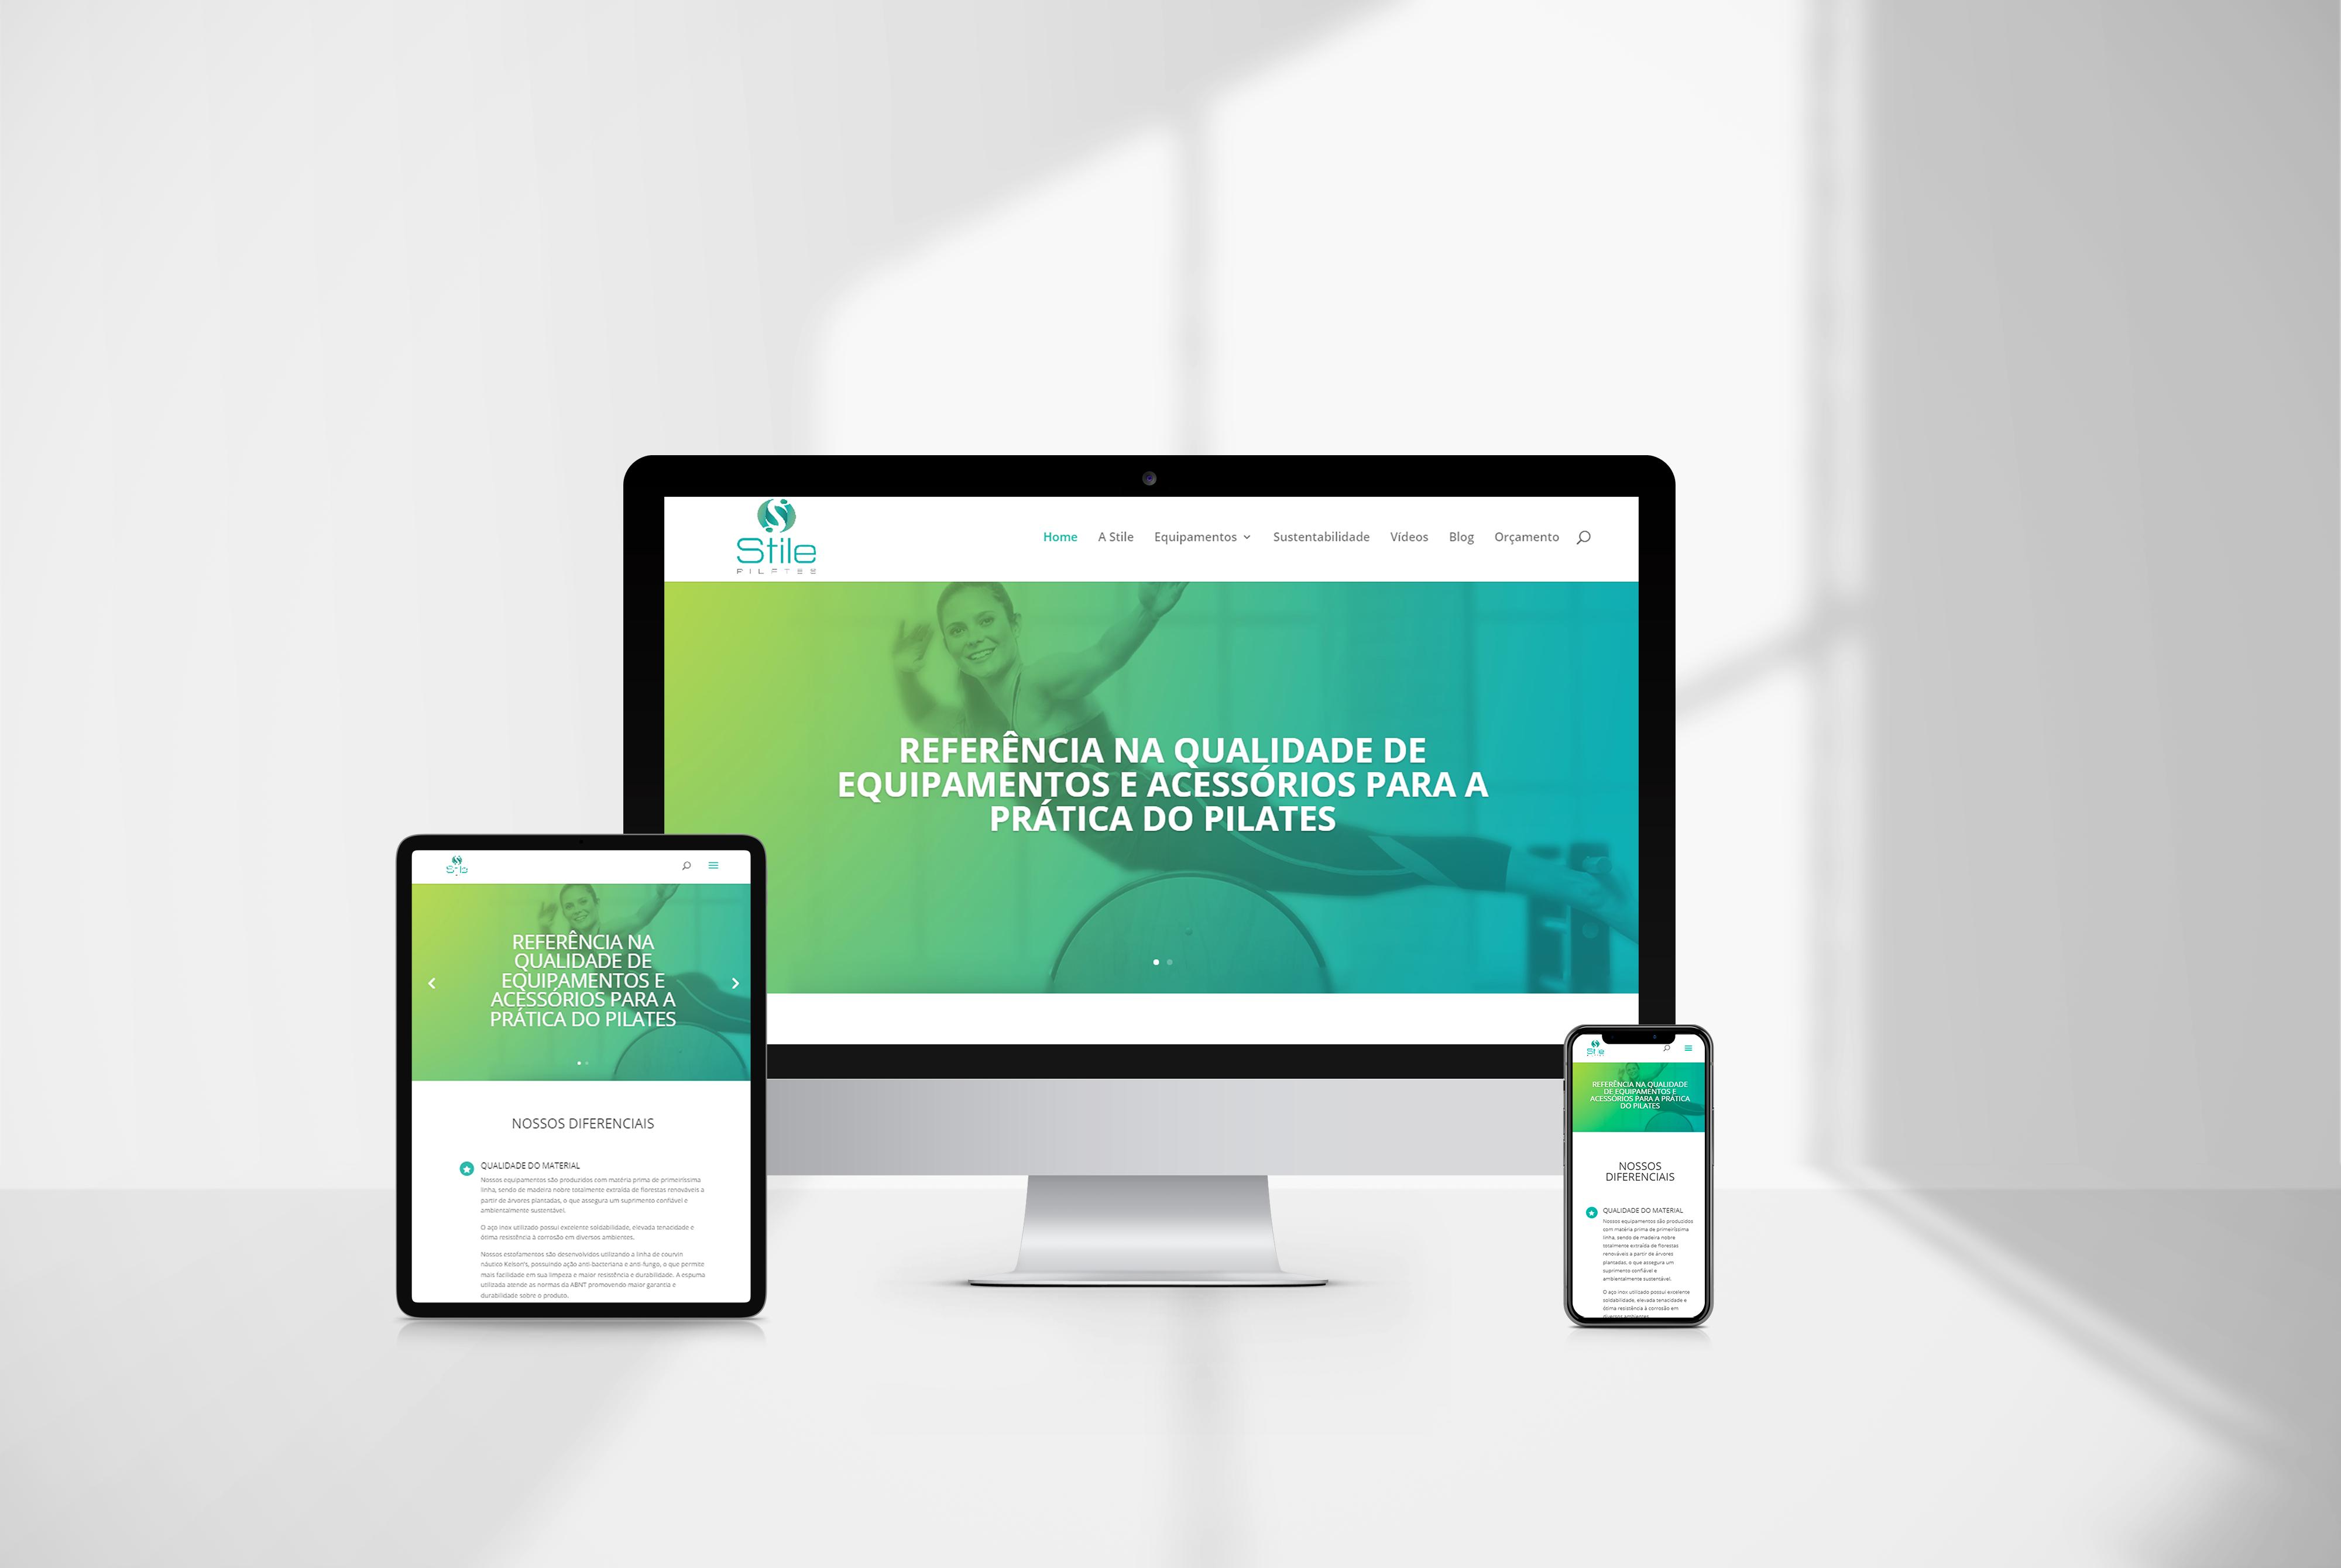 criacao de site Stile Pilates - agencia de marketing digital casanova digital